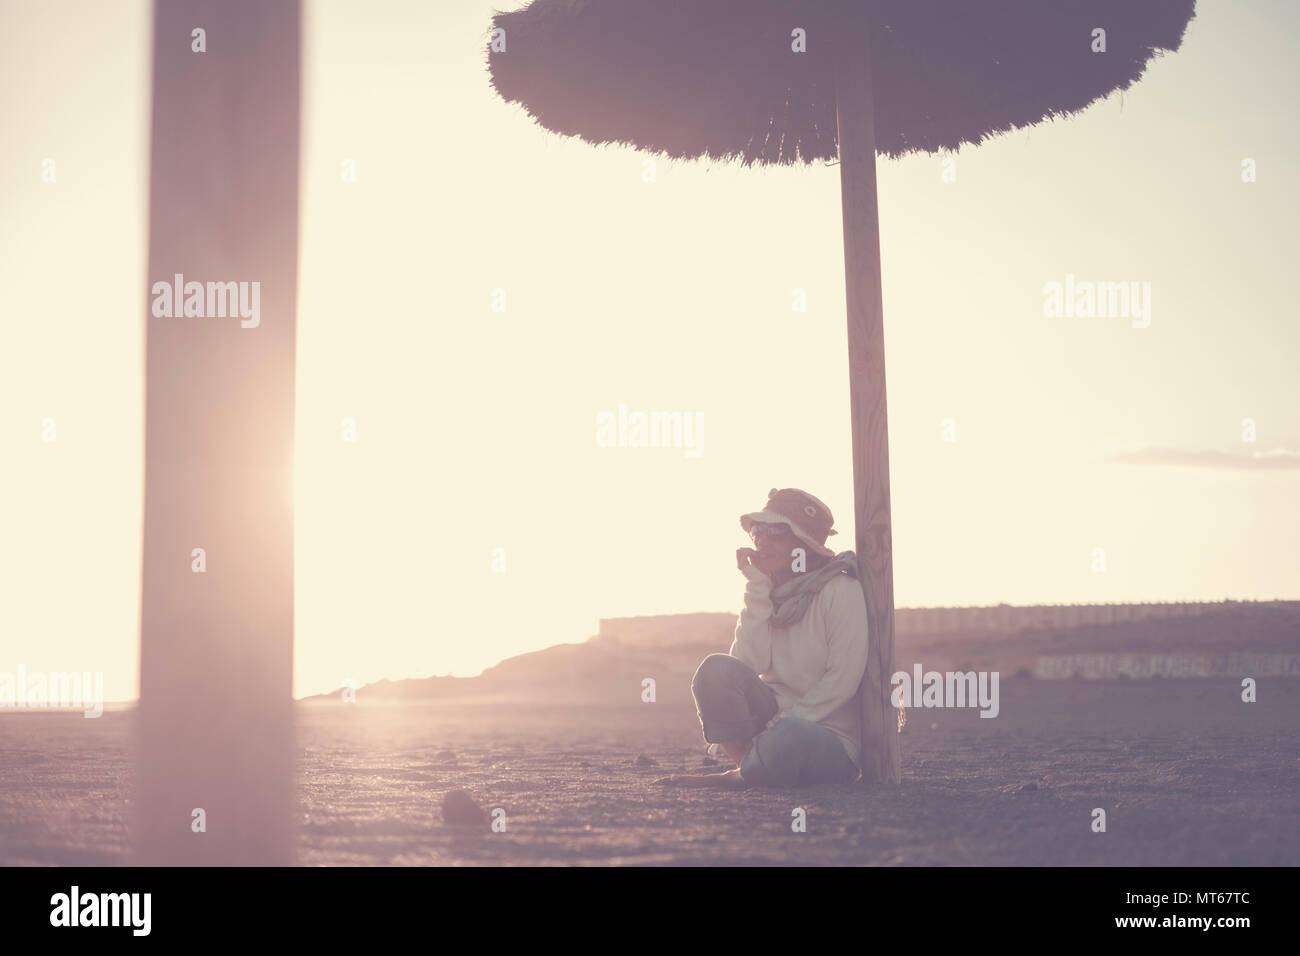 Belle femme d'âge moyen solitaire s'asseoir à la plage avec incroyable coucher du soleil la lumière sur l'arrière-plan. Ténérife scenic pour des vacances d'été leisu. Banque D'Images